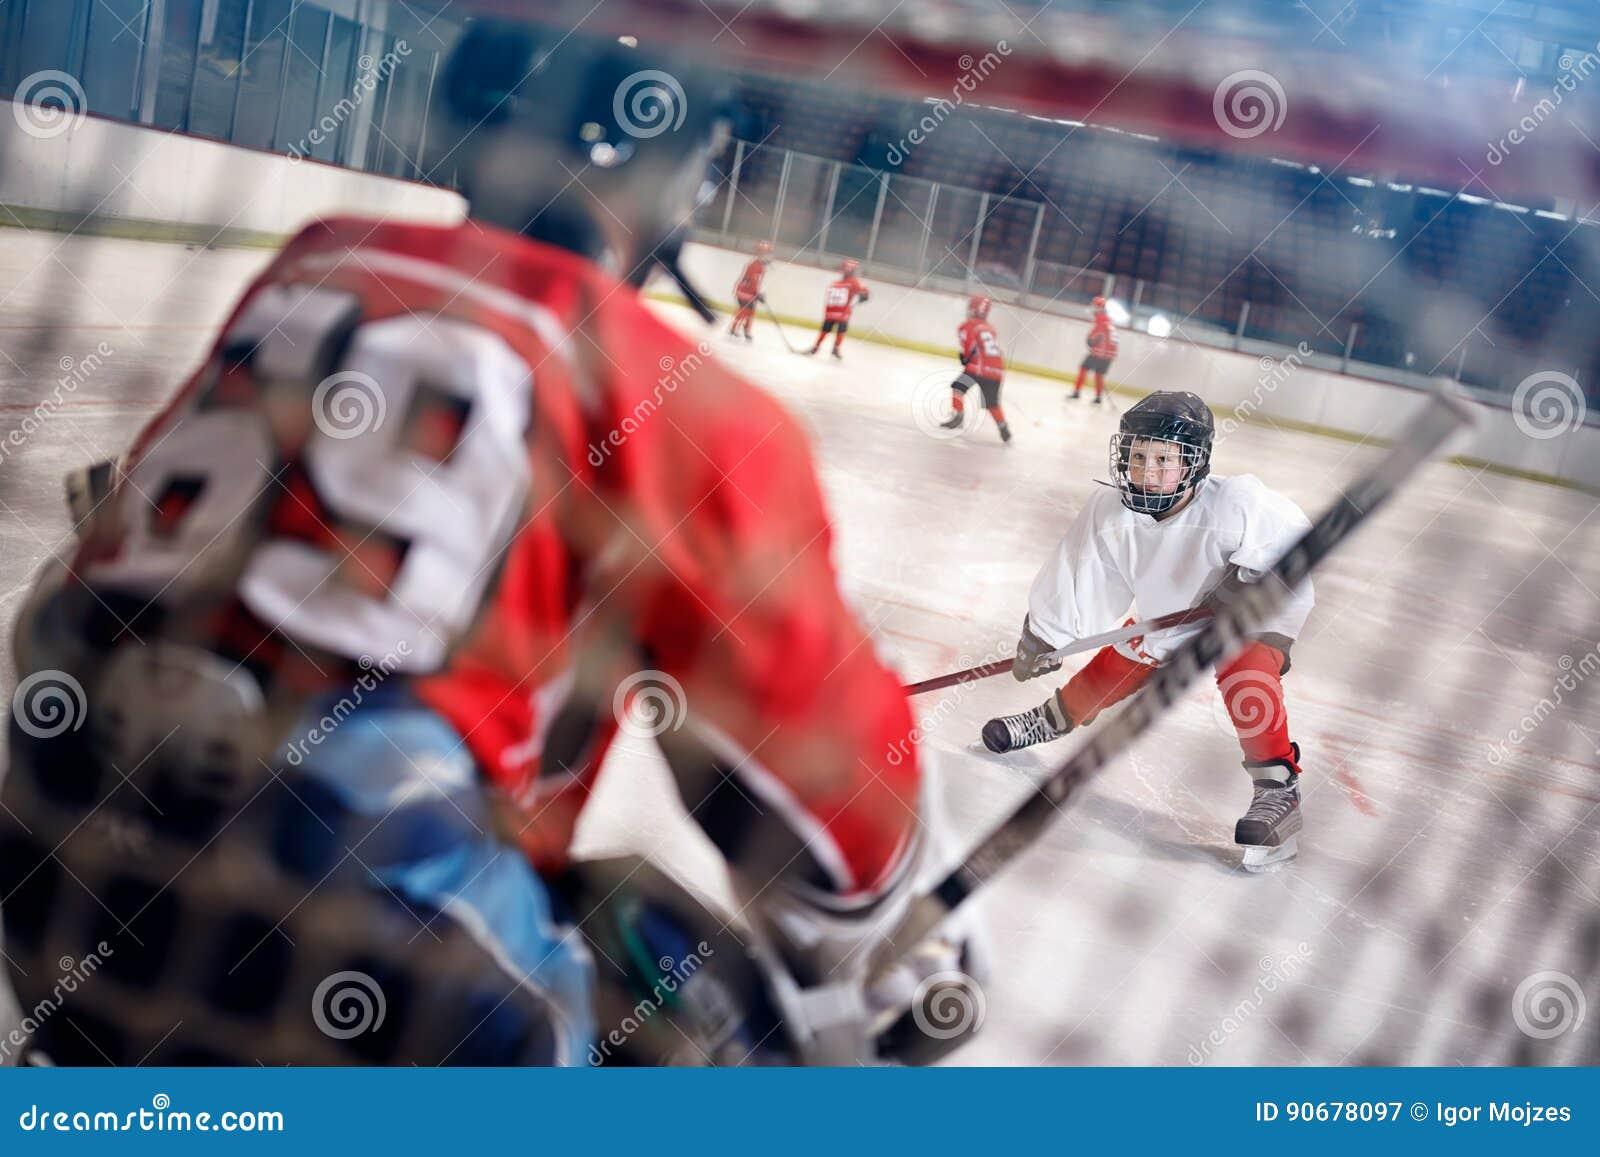 Η αντιστοιχία χόκεϋ στον παίκτη αιθουσών παγοδρομίας επιτίθεται στον τερματοφύλακας